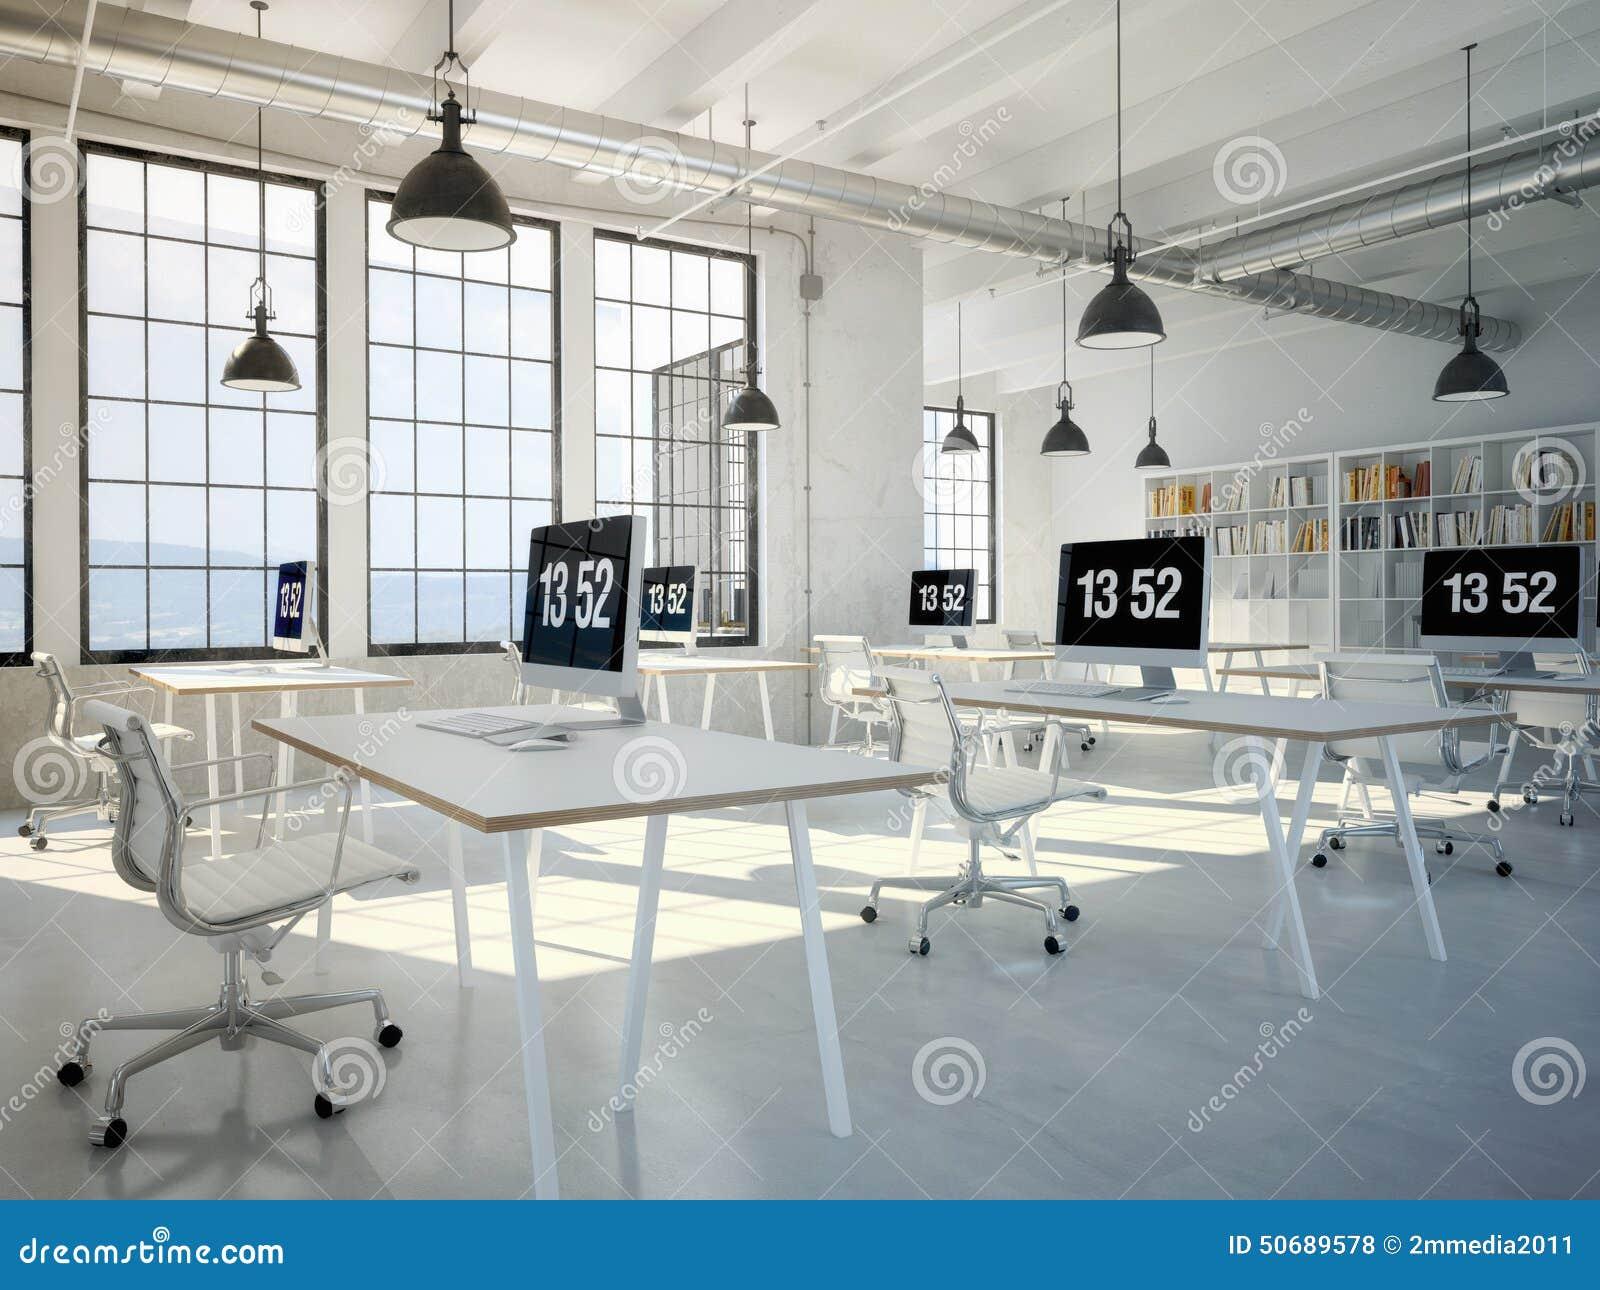 Download 计算机笔记本安排工作 3d 库存例证. 插画 包括有 通信, 特写镜头, 计算机, 设备, 实验室, 投反对票 - 50689578